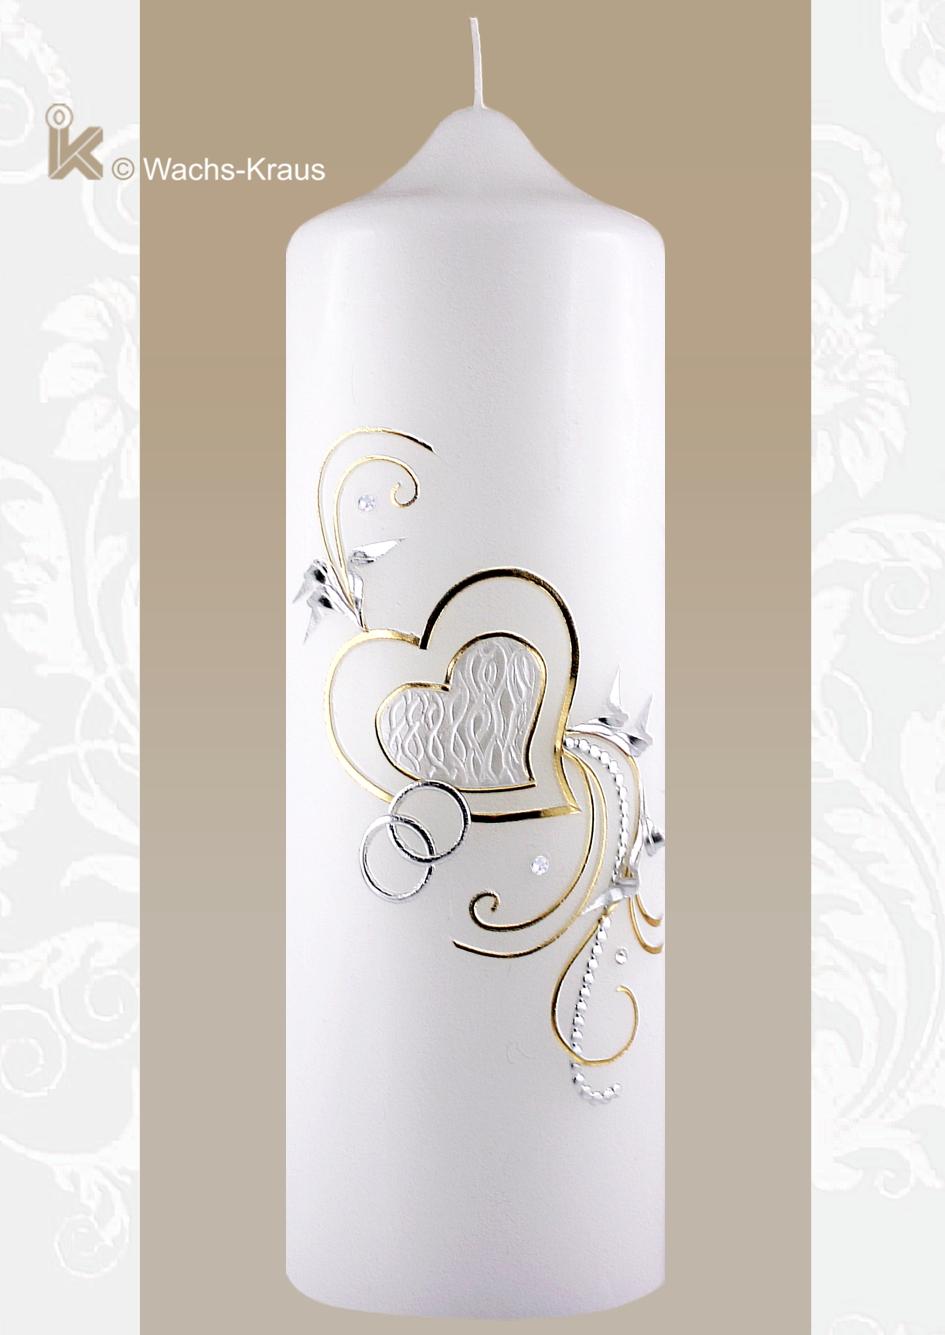 Diese Hochzeitskerze mit ihren zwei verschieden großen, sich überlagernde Herzen drückt wunderbar die Verbundenheit der zukünftigen Eheleute aus.